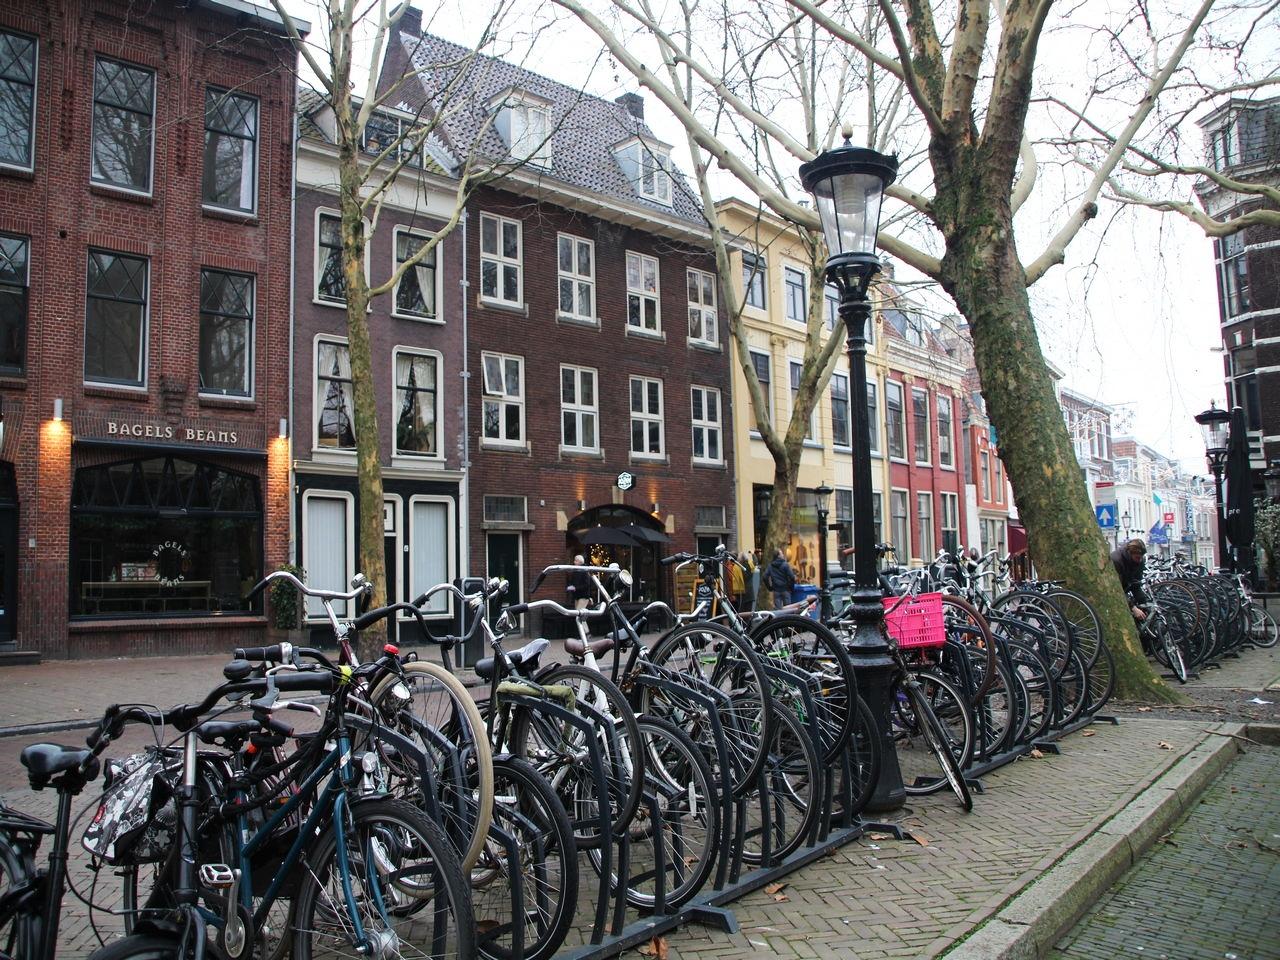 El uso de la bicicleta es común en todo el país.